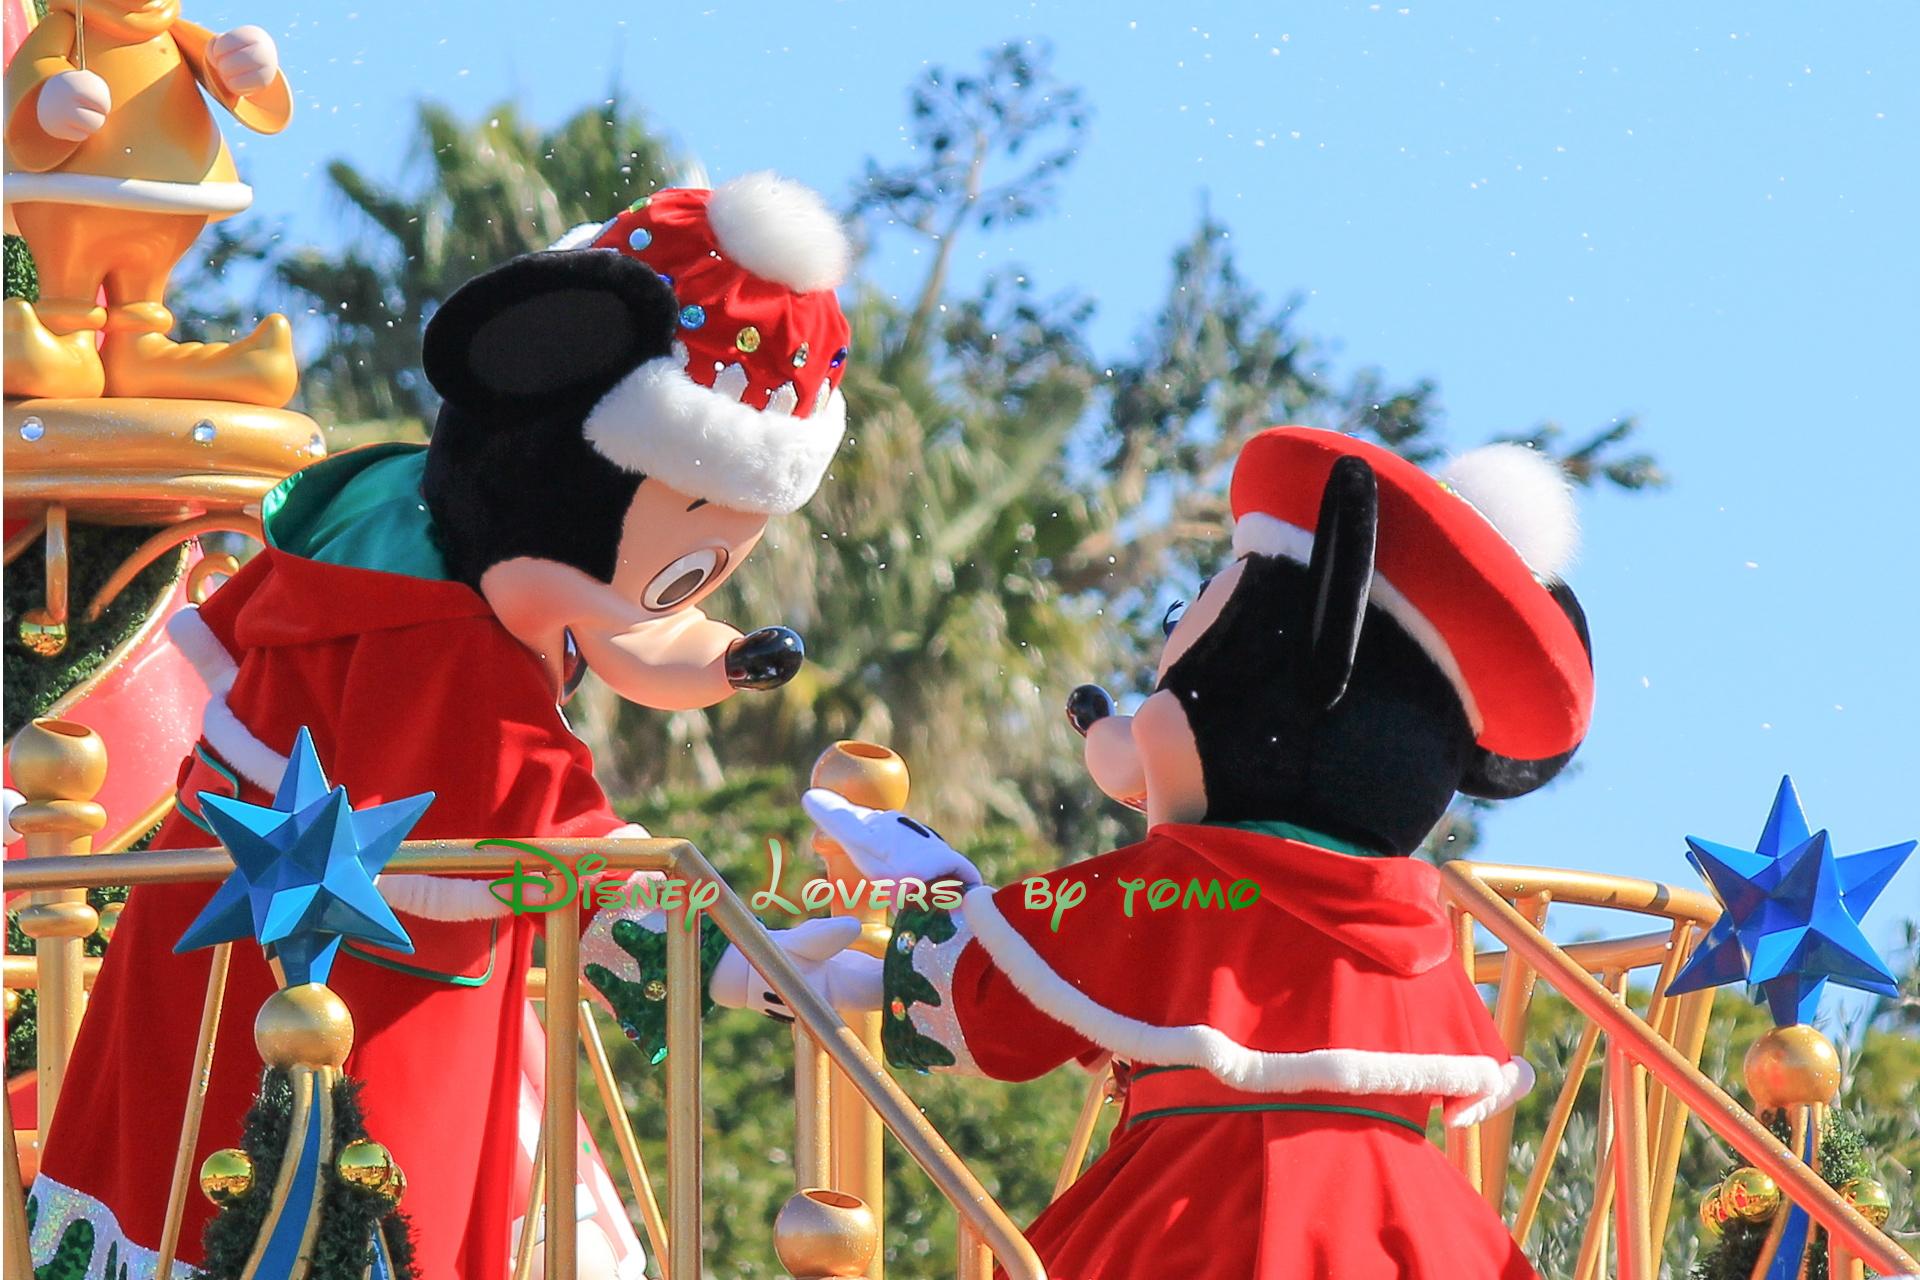 クリスマスイブ ラブラブミキミニpart1 サンタヴィレッジパレード ディズニーリゾートライフのブログ